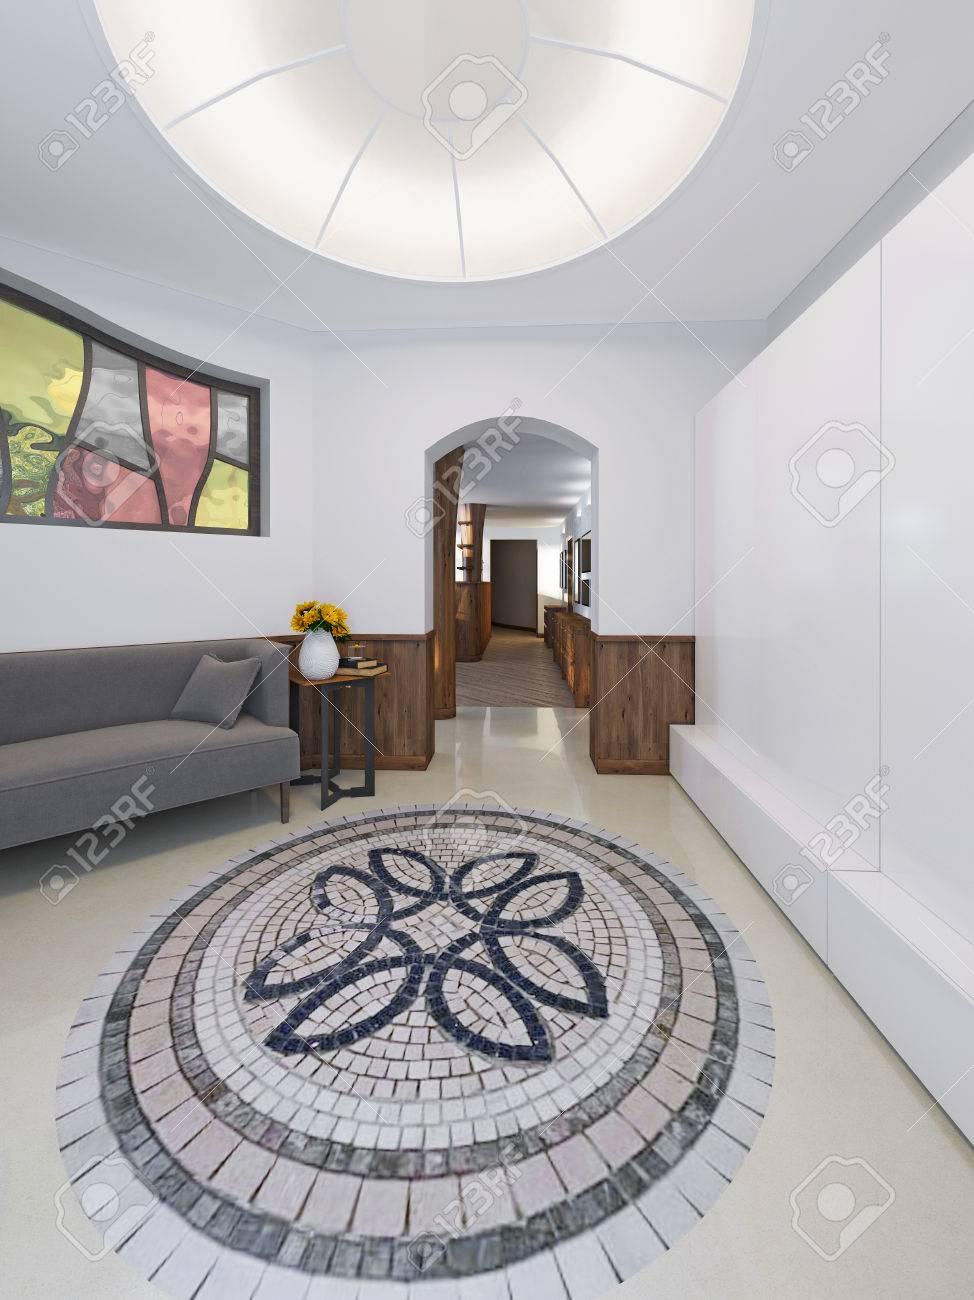 Maison Hall A Un Style Loft Avec Un Haut Plafond Avec Eclairage Le